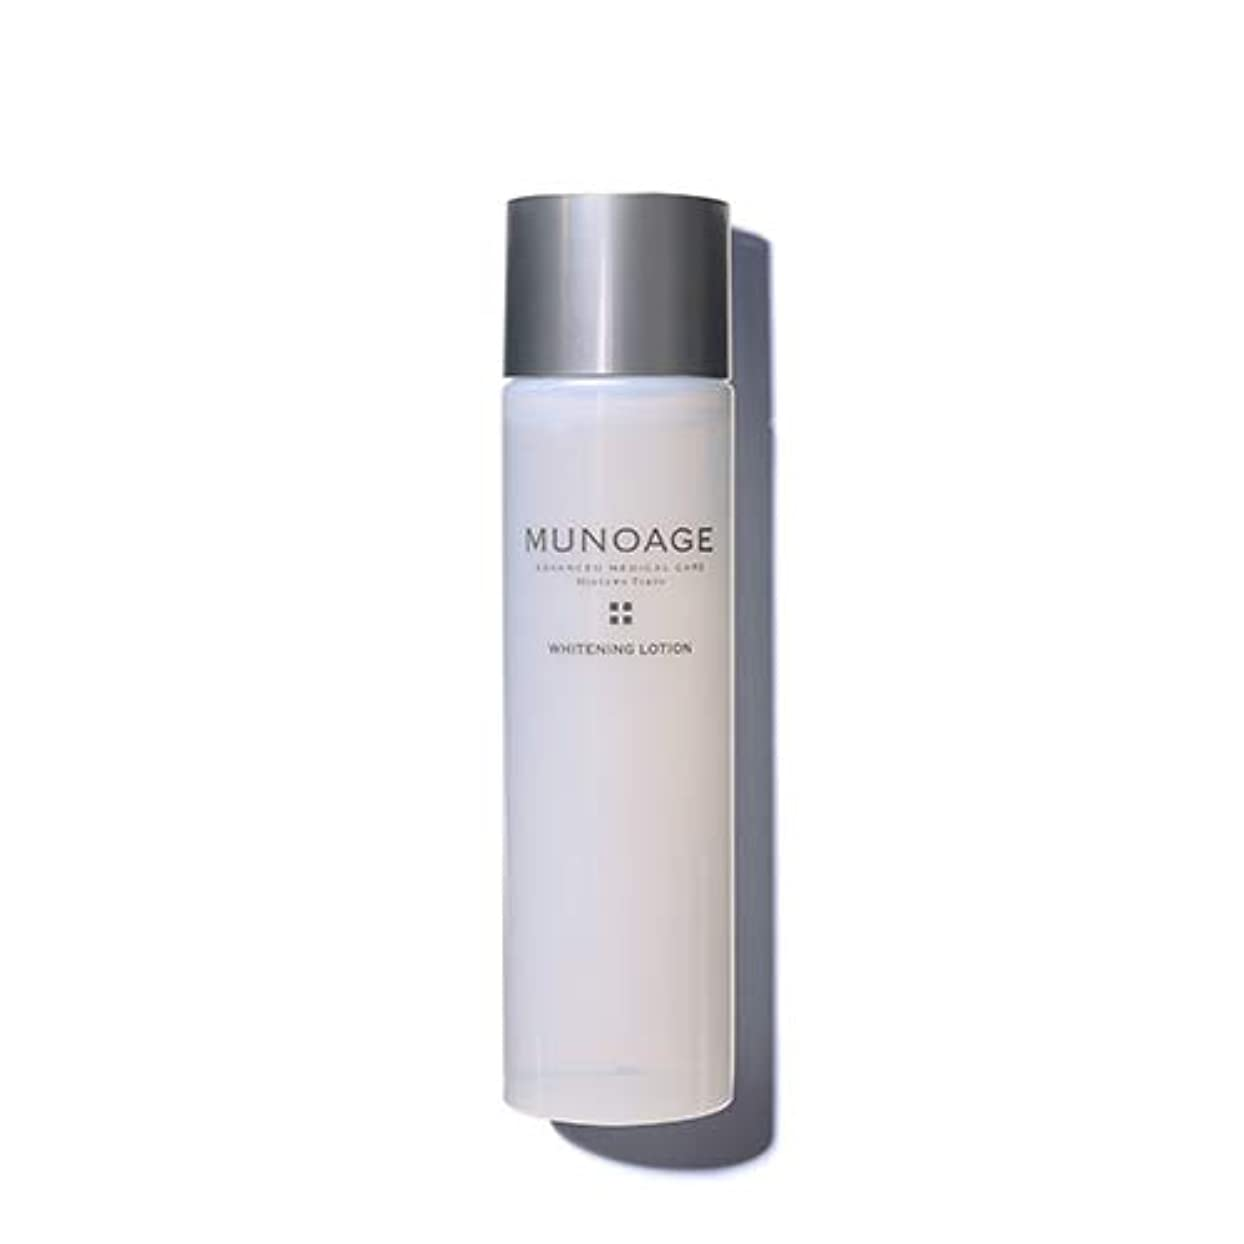 電圧チャーター夜MUNOAGE ホワイトニングローション 150ml【薬用美白化粧水】 さっぱりタイプ 透明感のある素肌へ ビタミンC 高保湿【お得な2個セット】